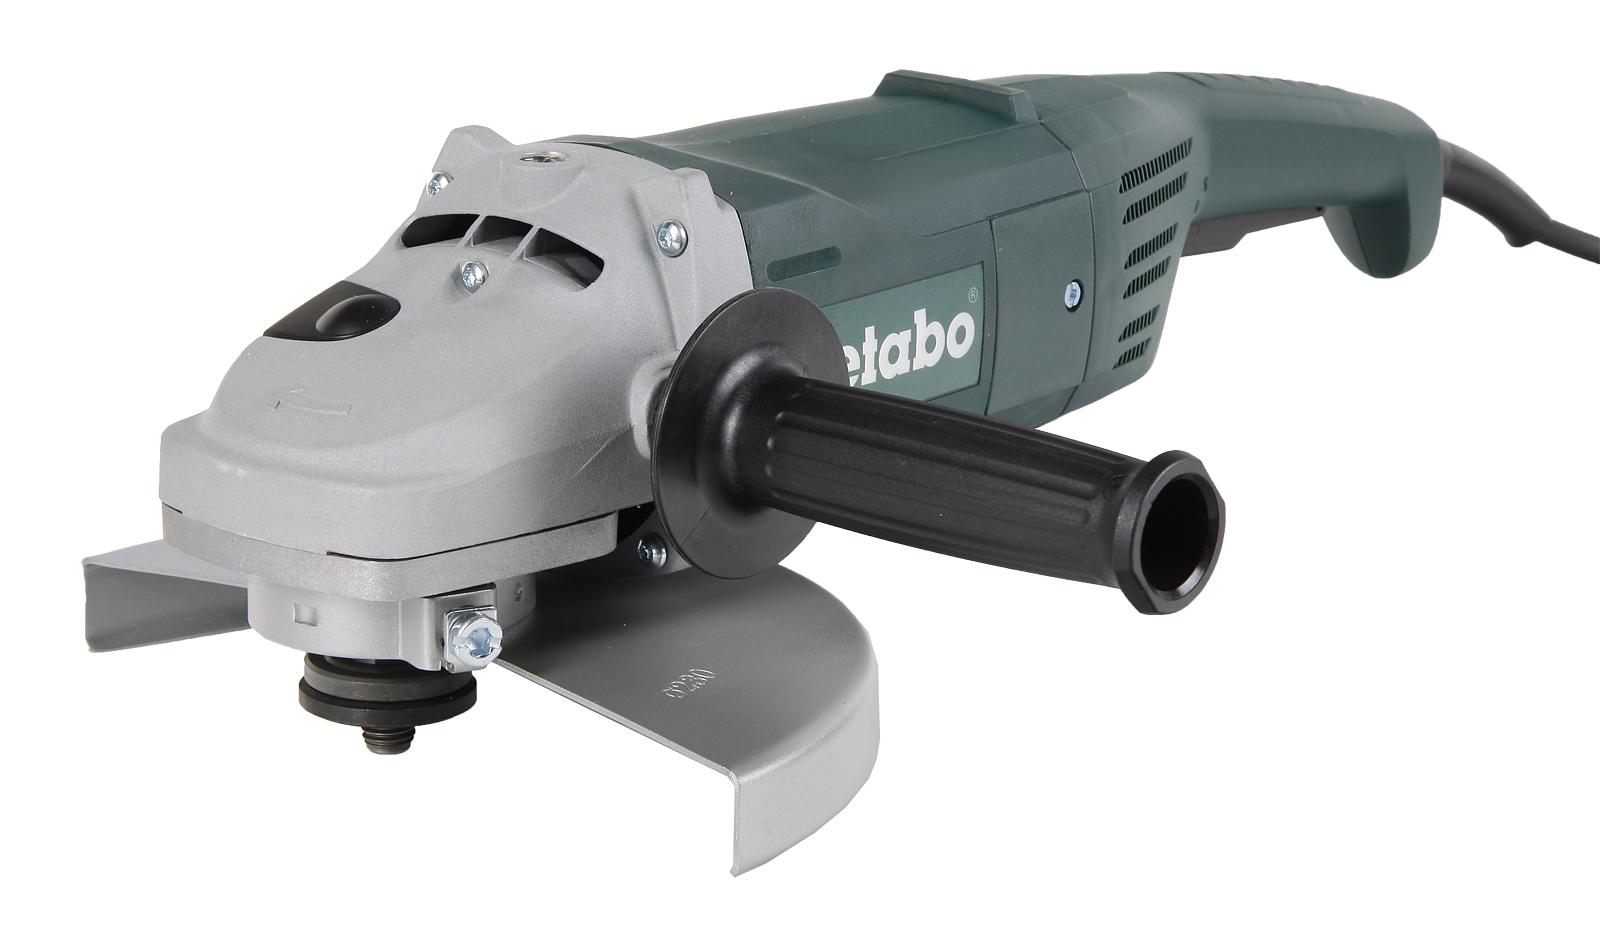 УШМ (болгарка) Metabo W 2000-230 (606420000) болгарка metabo wx 2000